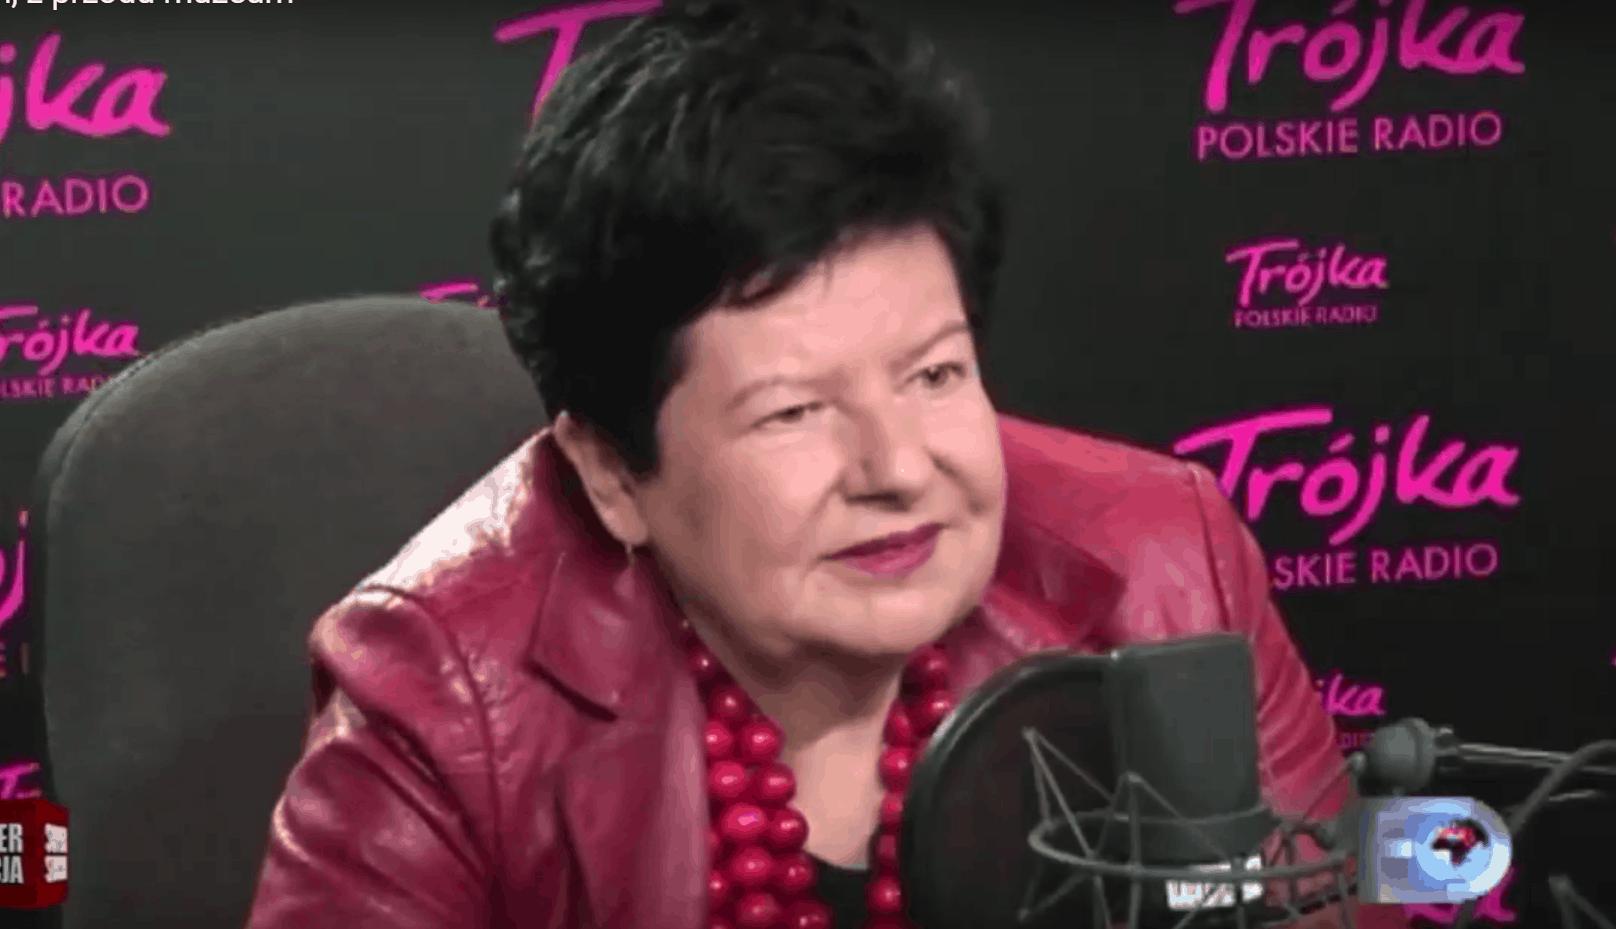 Joanna Senyszyn po czterech latach nieobecności wraca do sejmu i już zdążyła wywołać skandal po przez wypowiedź na temat śmierci ks. Jerzego Popiełuszki.